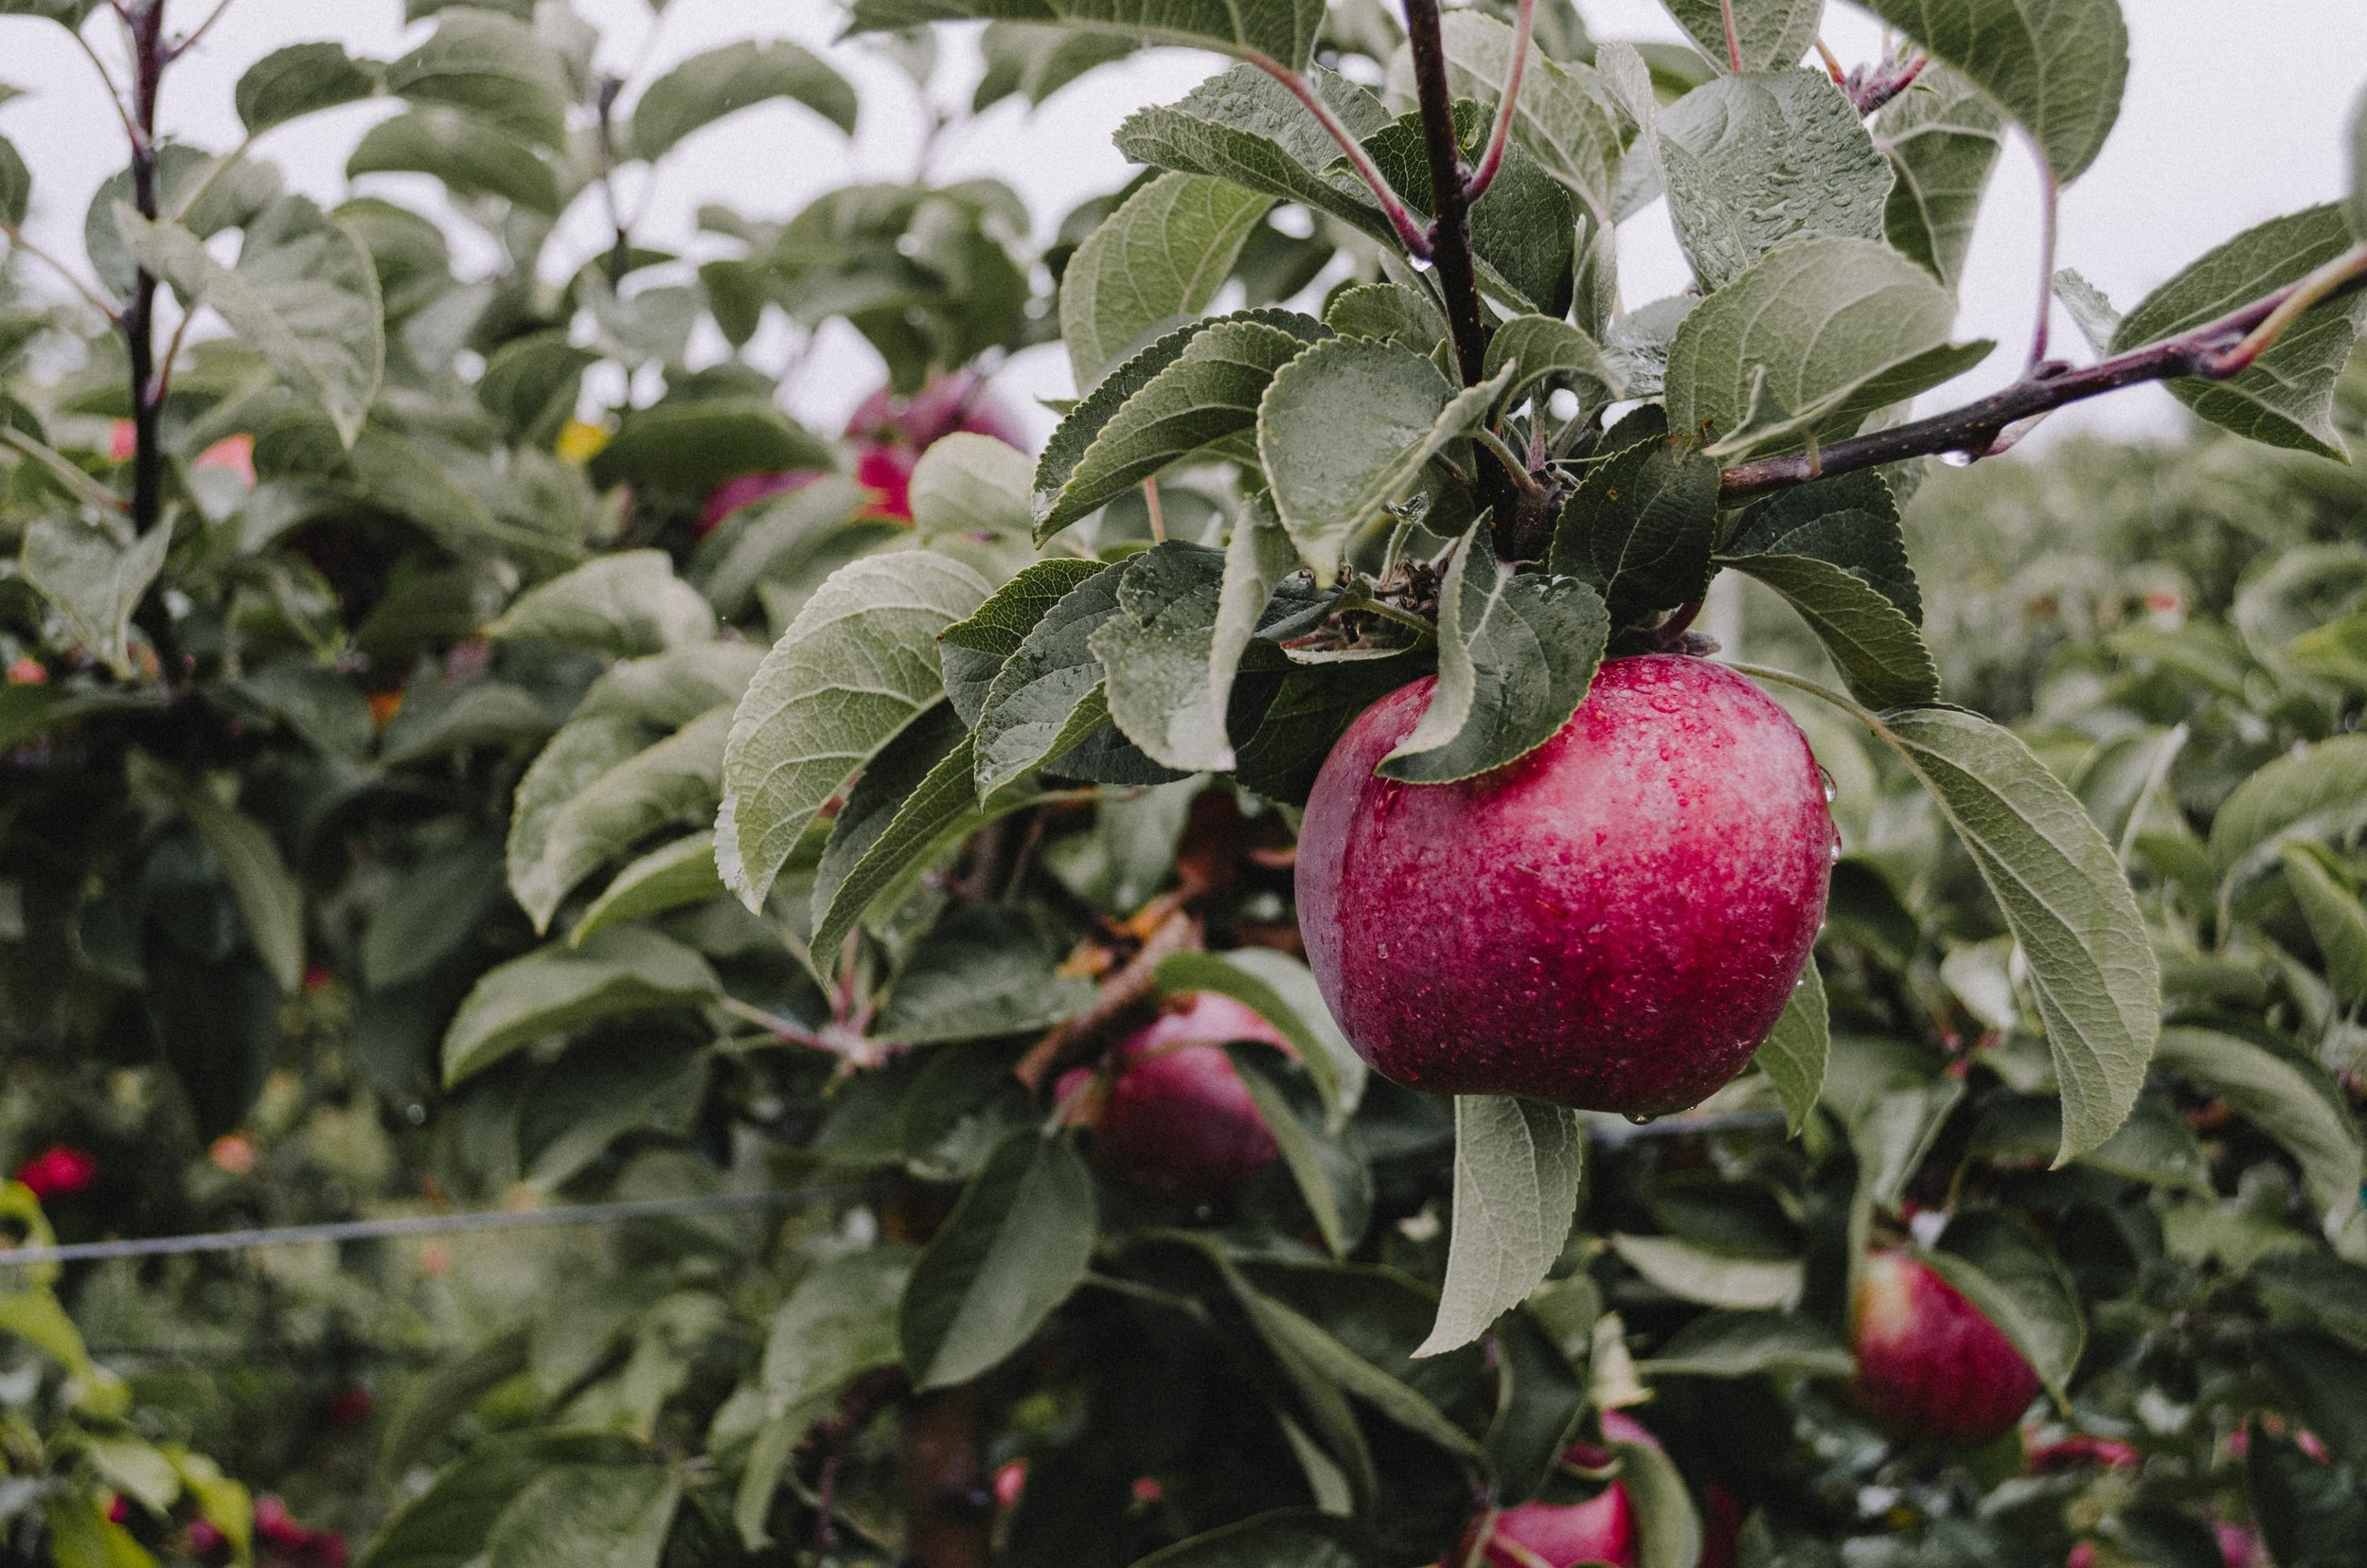 Saisonale Ernte: Das wächst bei uns im Herbst